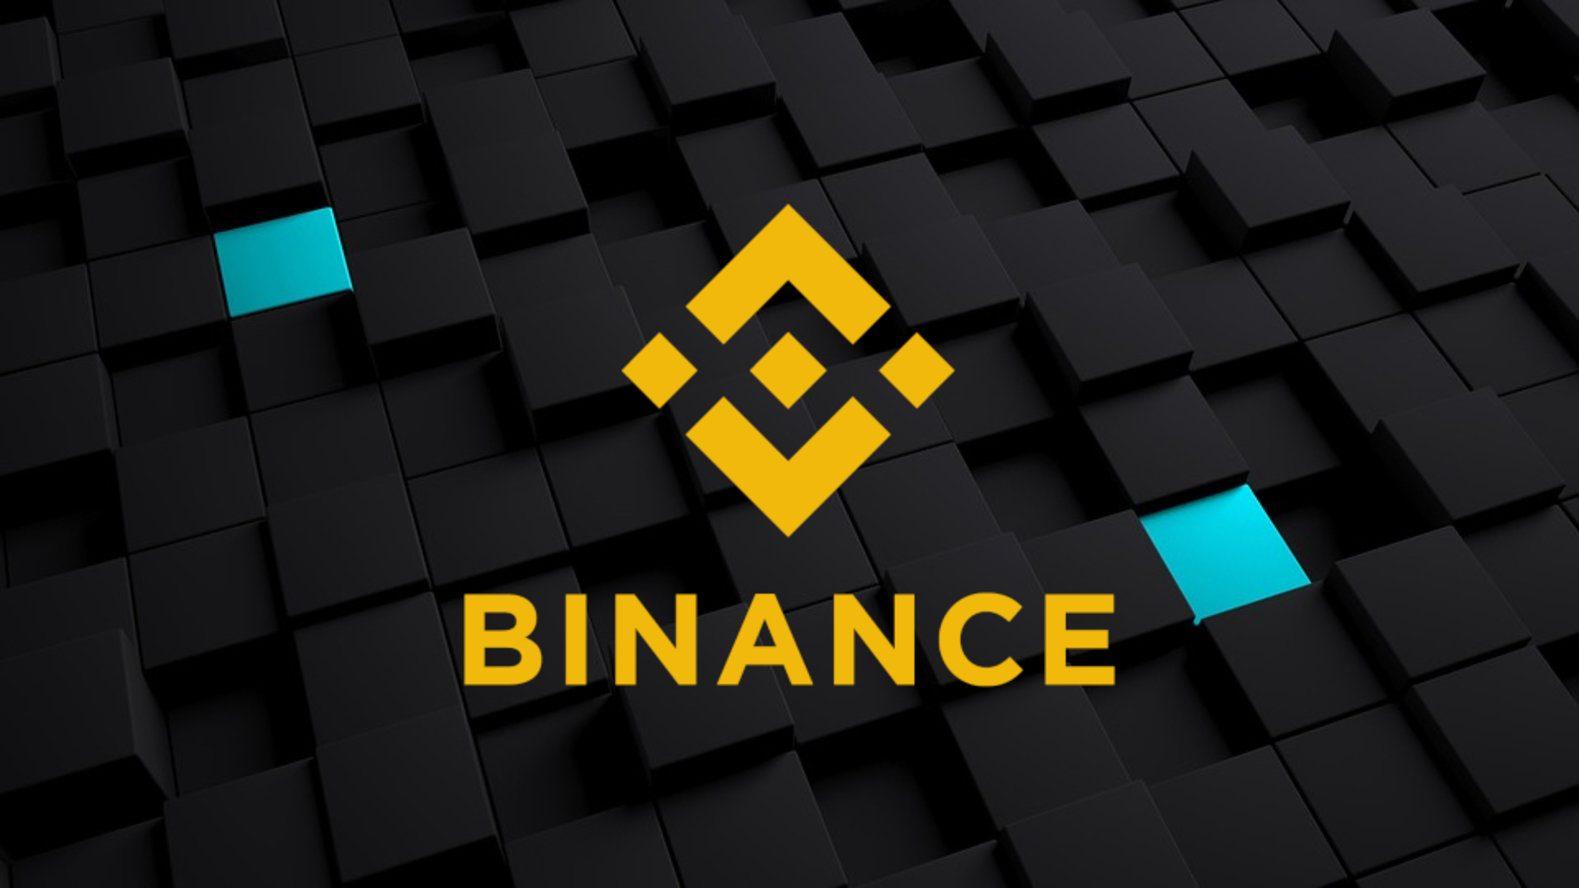 giá bitcoin: Binance ra mắt tính năng mới trên nền tảng Futures